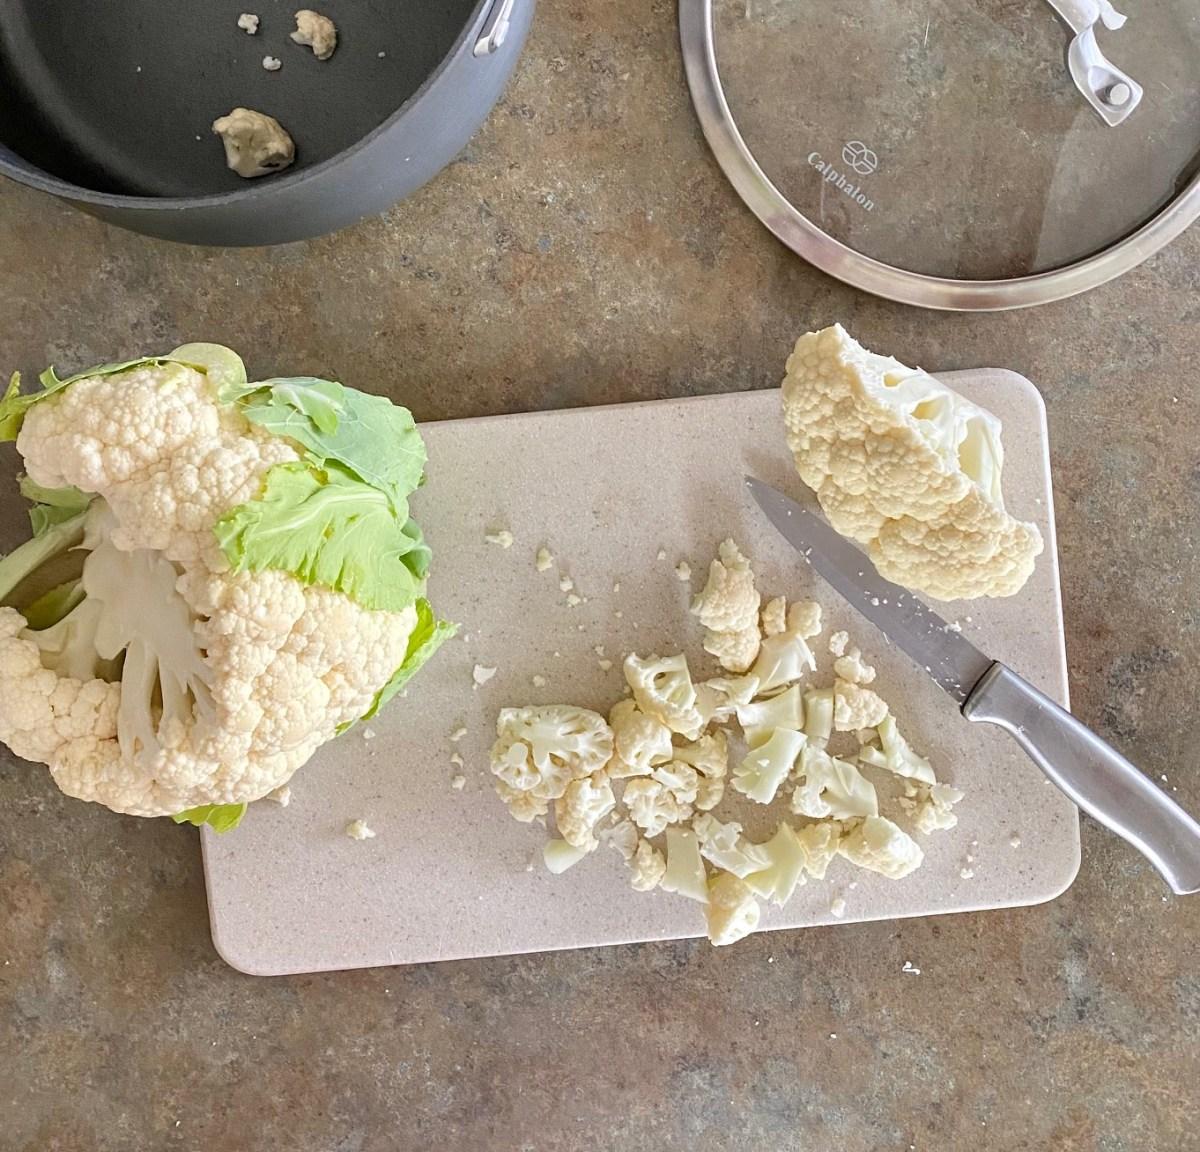 1-inch pieces of cauliflower sliced on a cutting board. #asiagocauliflower #mashedcauliflower #bestmashedcauliflower #howtomakemashedcauliflower #easyketosidedish #easyketorecipes